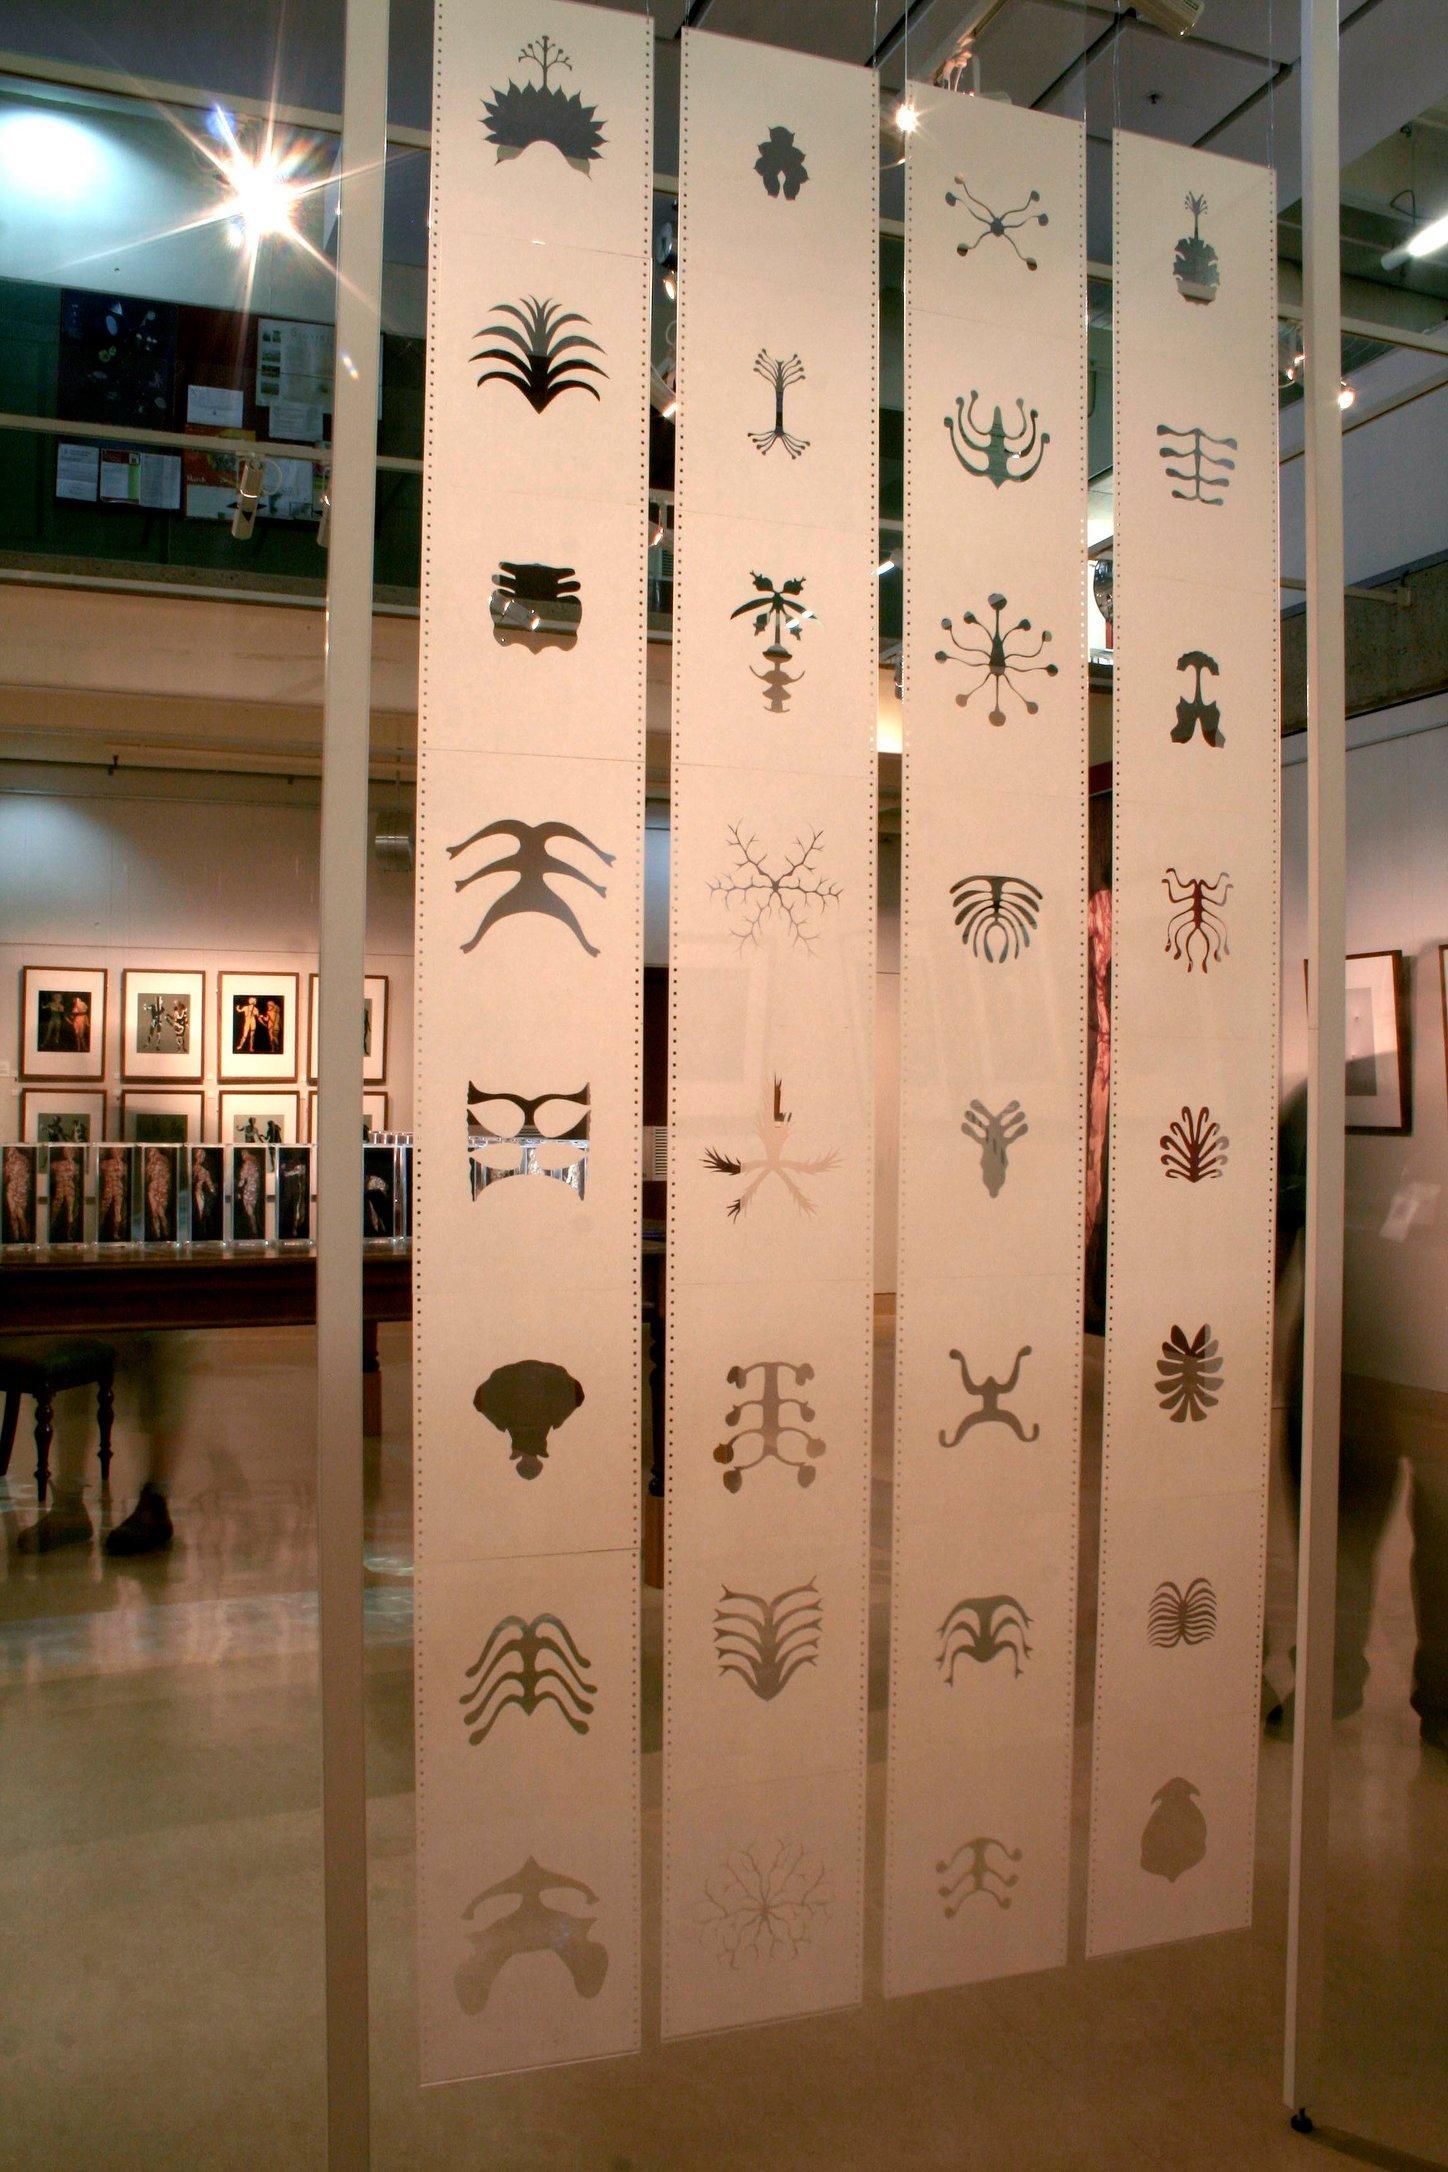 On the origin of Species 2010